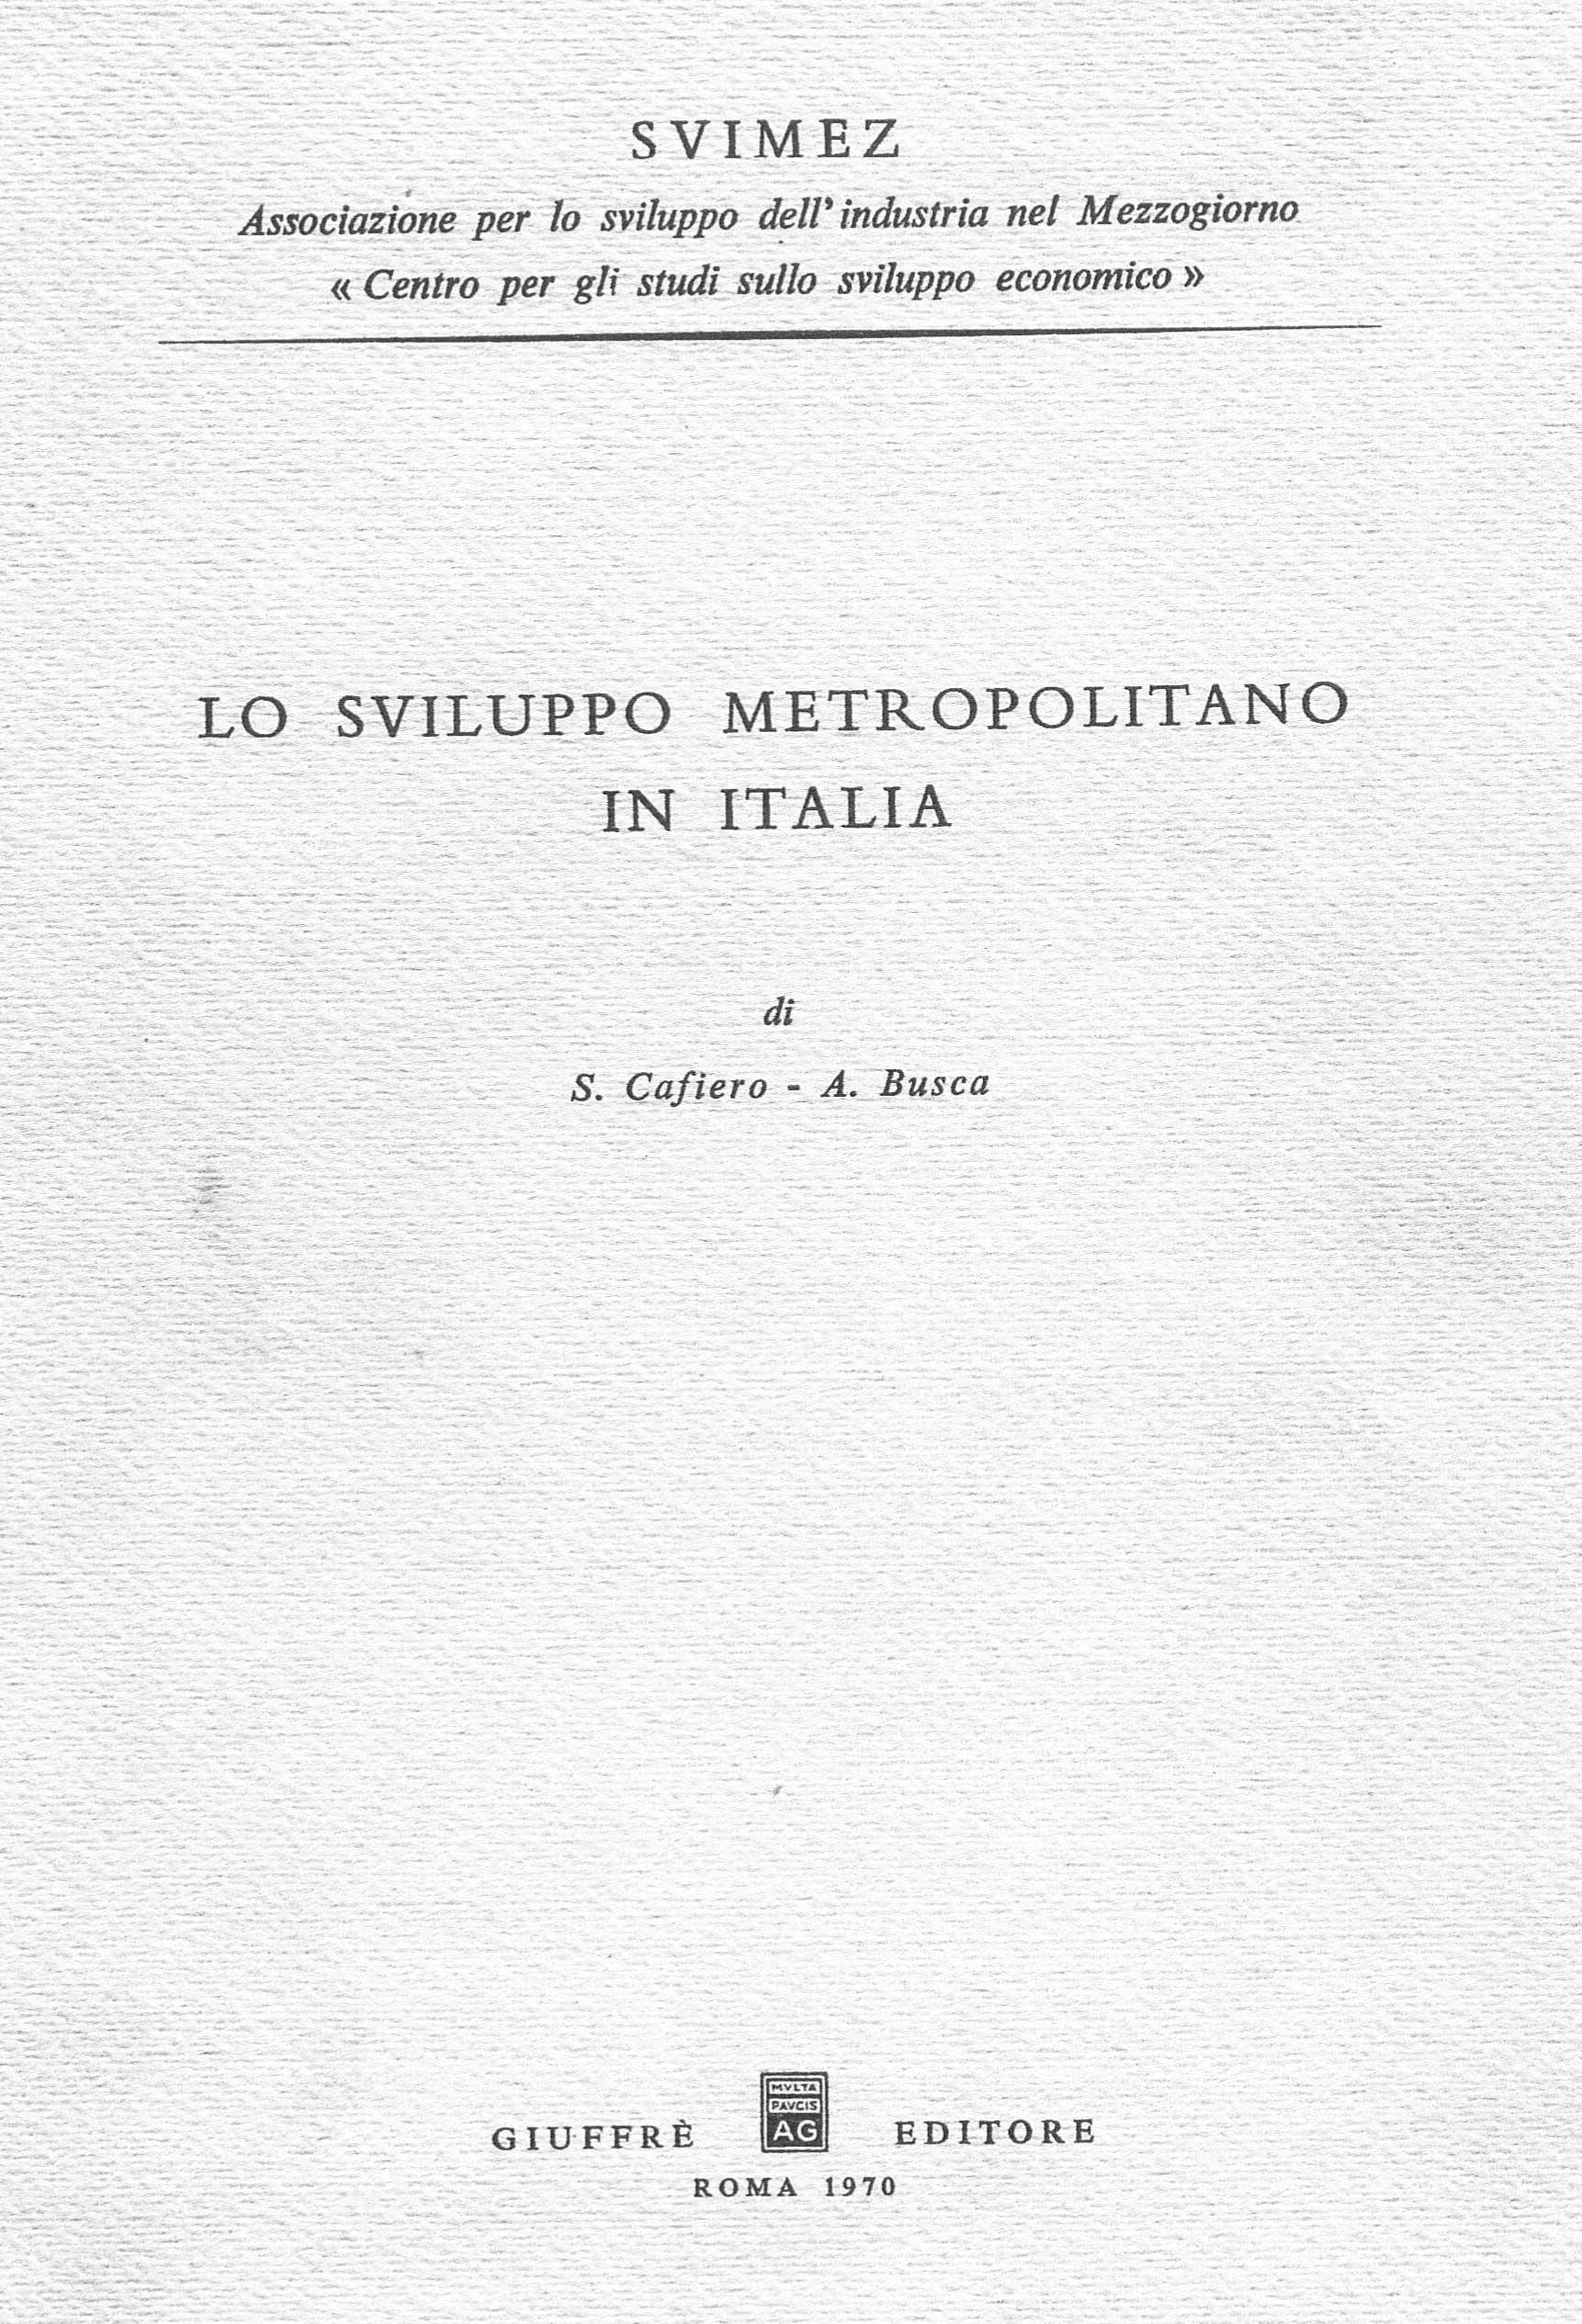 1 - Lo sviluppo metropolitano in Italia, Giuffrè Editore, Roma 1970; con S. Cafiero - Copertina